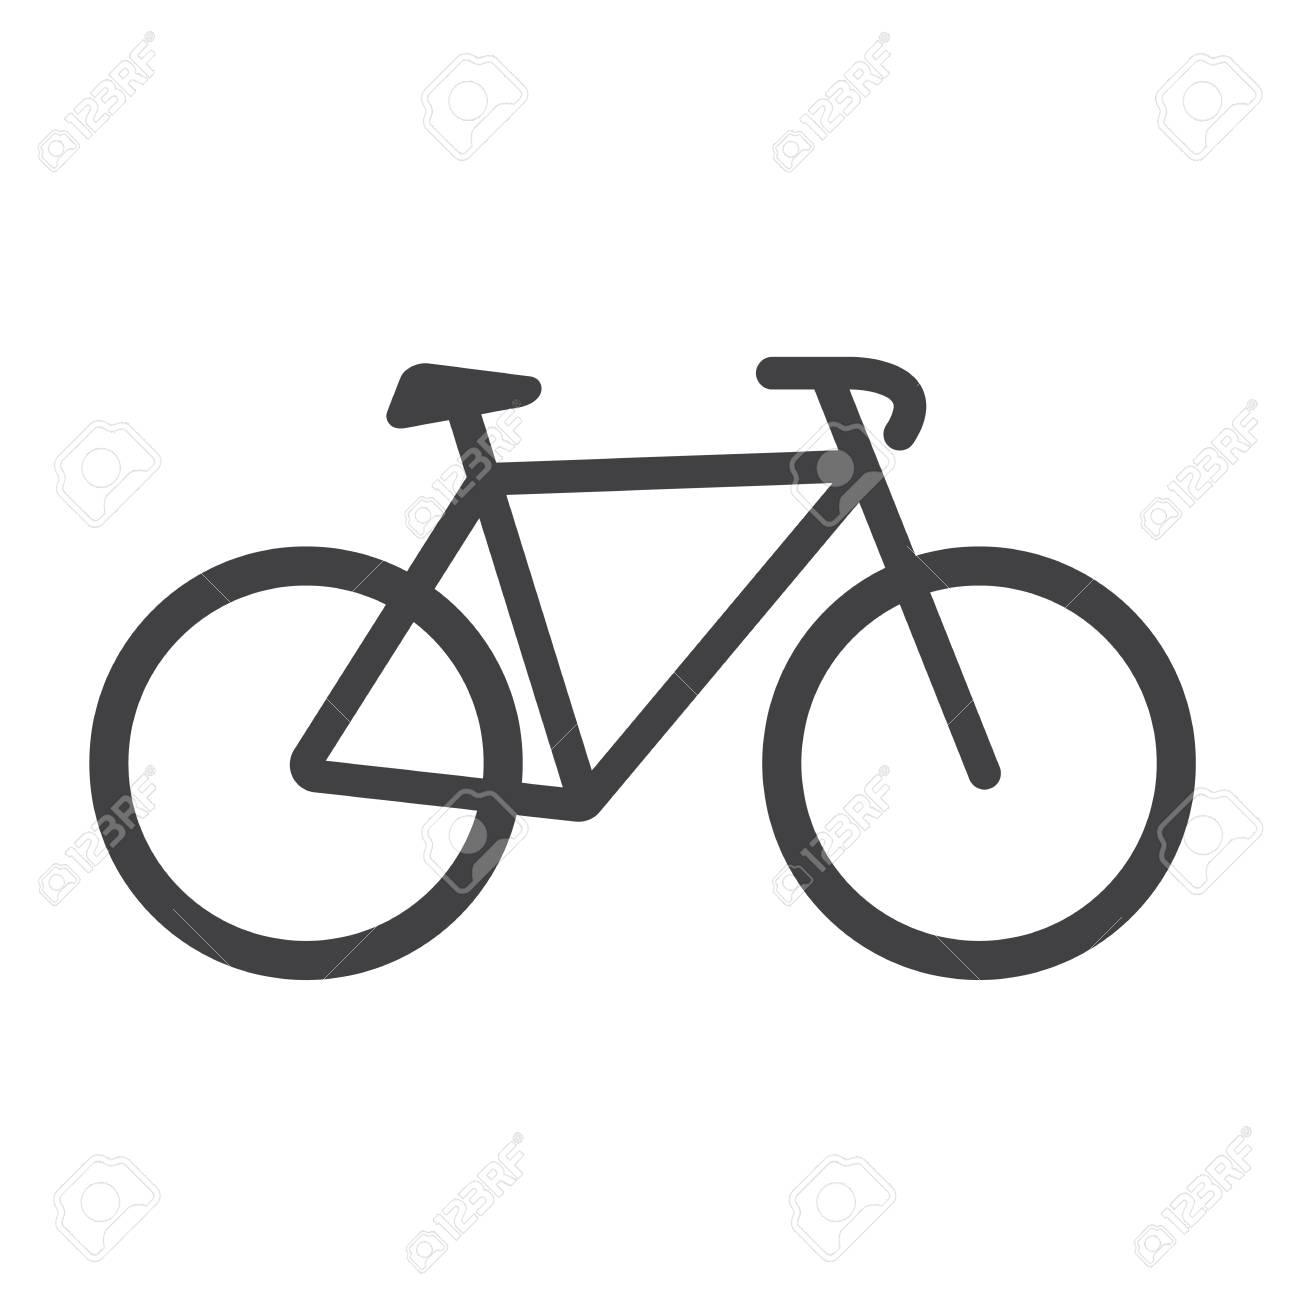 Icona Della Bici Vettore Della Bici Isolato Su Priorità Bassa Bianca Illustrazione Vettoriale Piatto